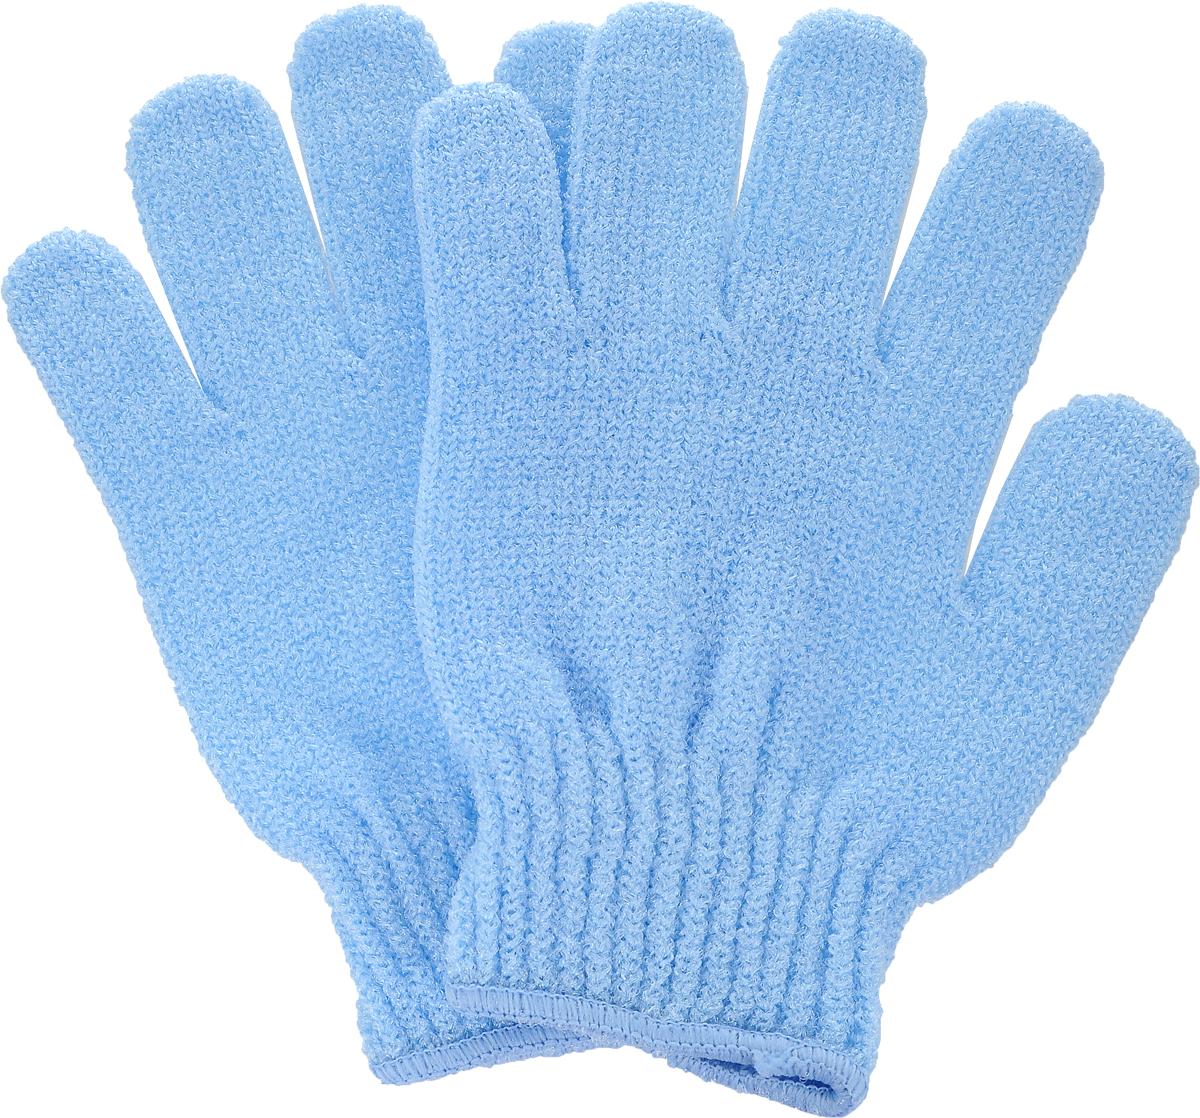 Перчатки для пилинга Riffi, цвет: голубой615_голубойЭластичные безразмерные перчатки Riffi обладают активным антицеллюлитным эффектом и отличным пилинговым действием, тонизируя, массируя и эффективно очищая вашу кожу. Перчатки Riffi освобождает кожу от отмерших клеток, стимулирует регенерацию. Эффективно предупреждают образование целлюлита и обеспечивают омолаживающий эффект. Кожа становится гладкой, упругой и лучше готовой к принятию косметических средств. Интенсивный и пощипывающий свежий массаж тела с применением перчаток Riffi стимулирует кровообращение, активирует кровоснабжение, способствует обмену веществ. В комплекте 1 пара перчаток.